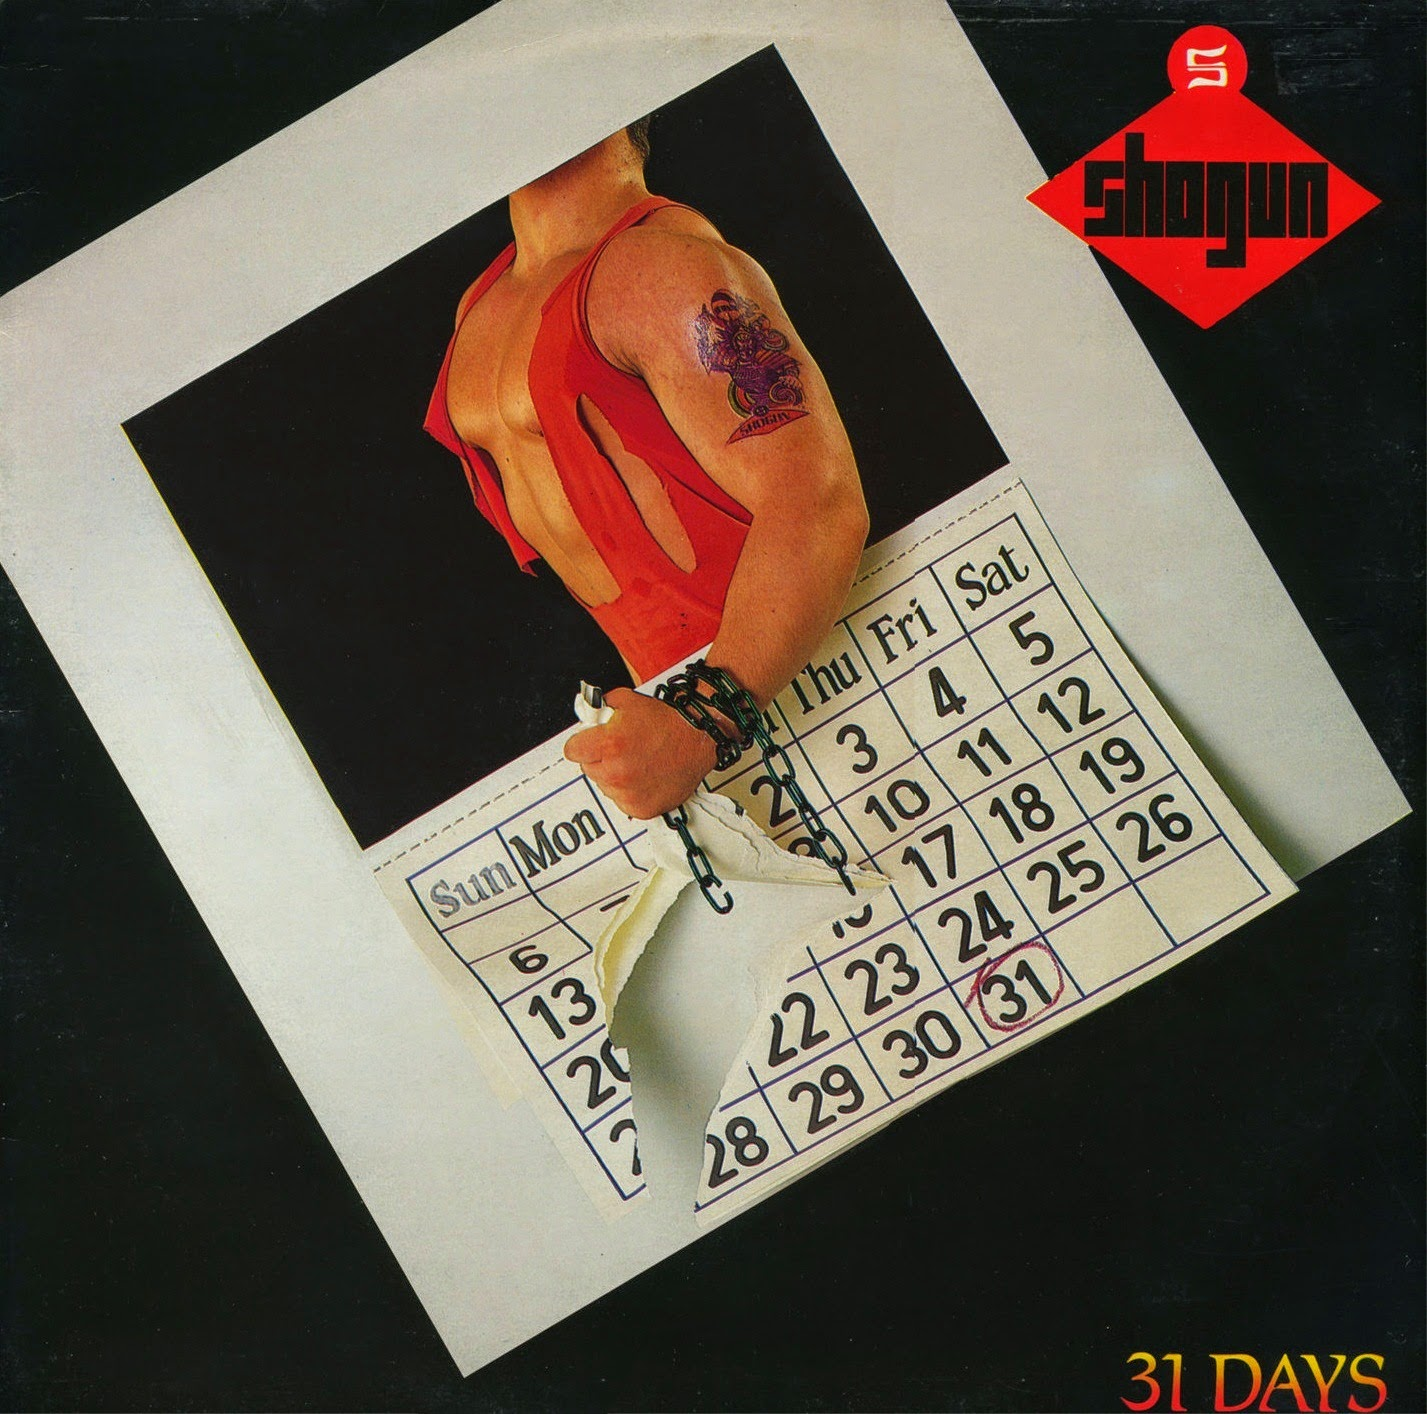 Shogun 31 days 1987 aor melodic rock